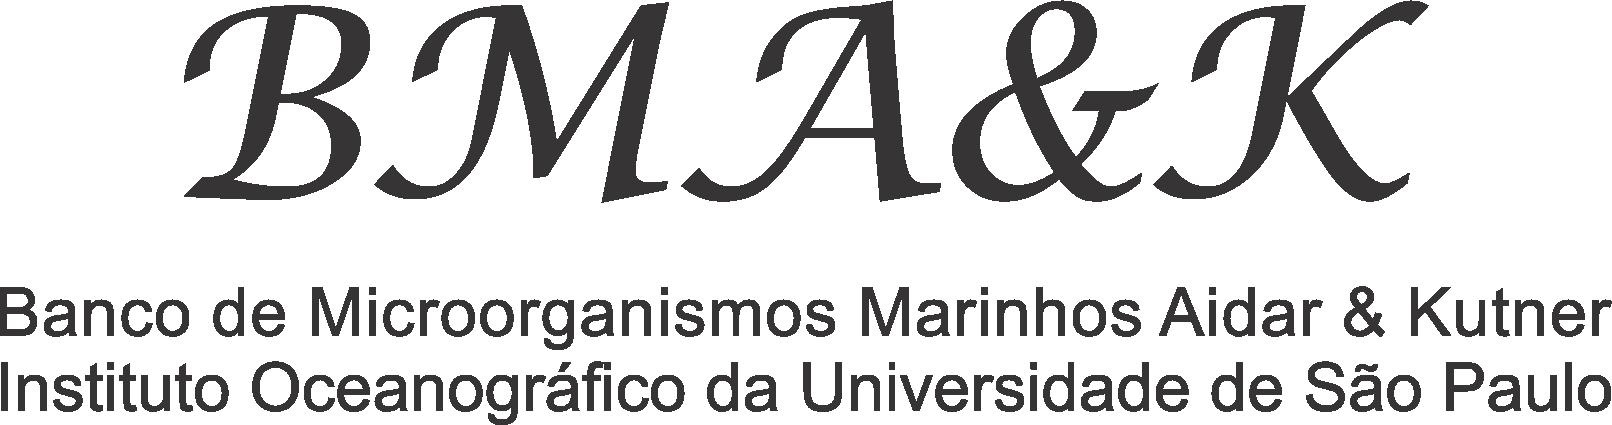 IOUSP - Banco de Microorganismos